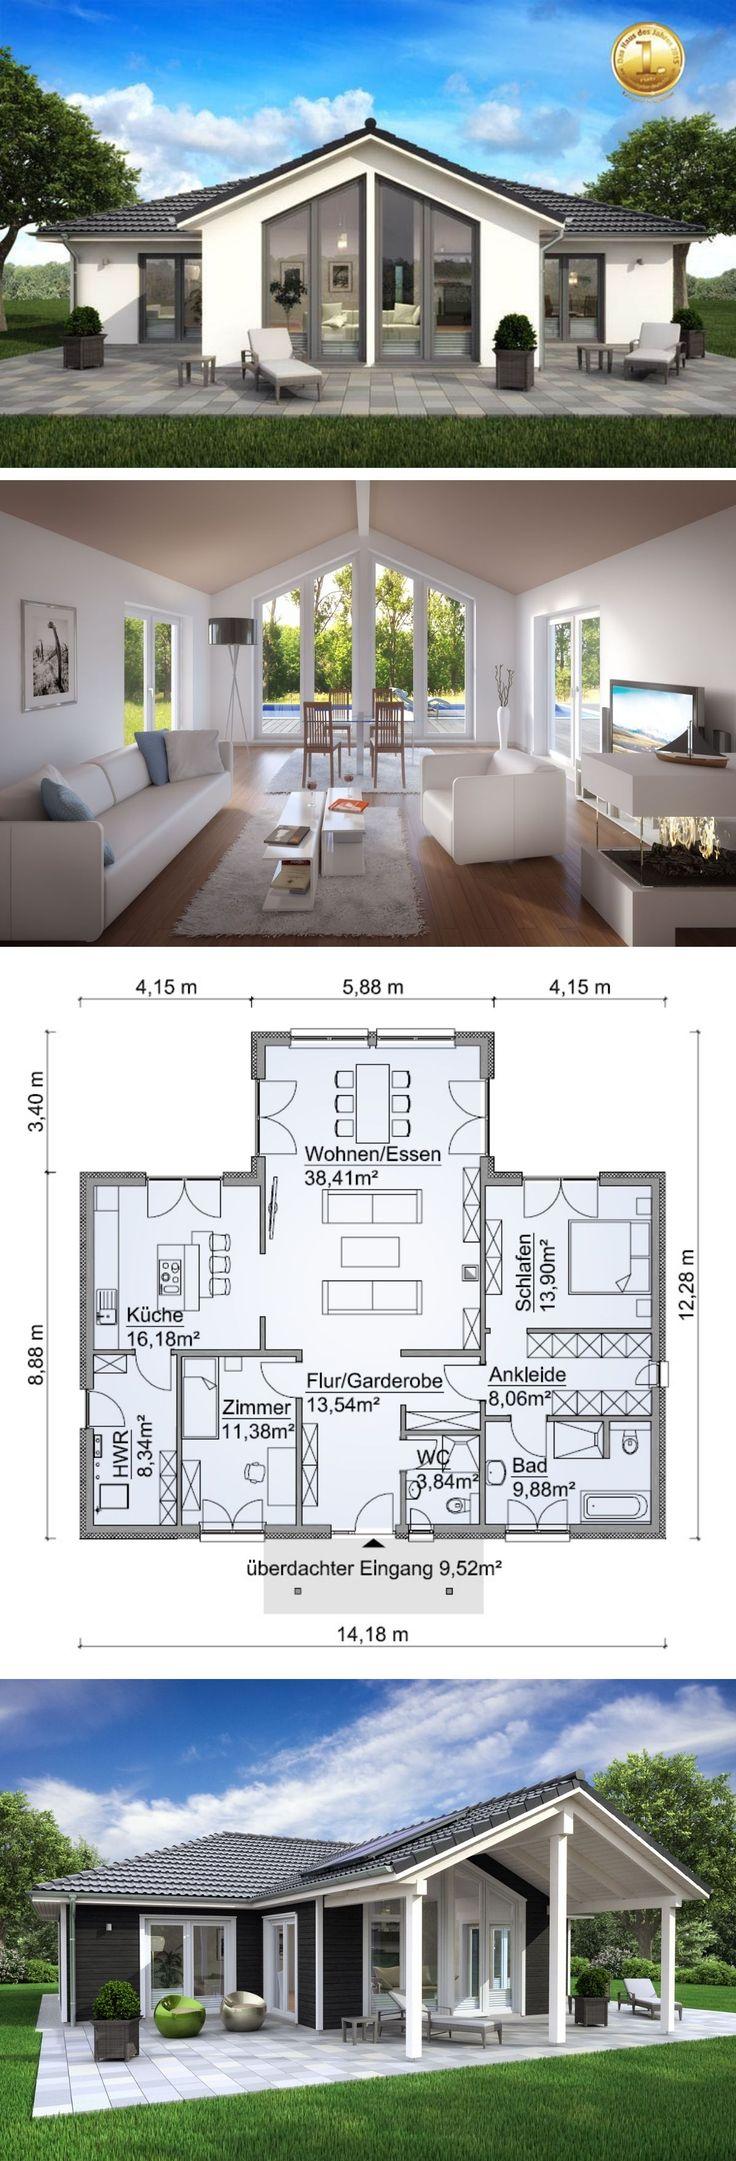 Bungalow Haus modern mit Walmdach Architektur, Erk…